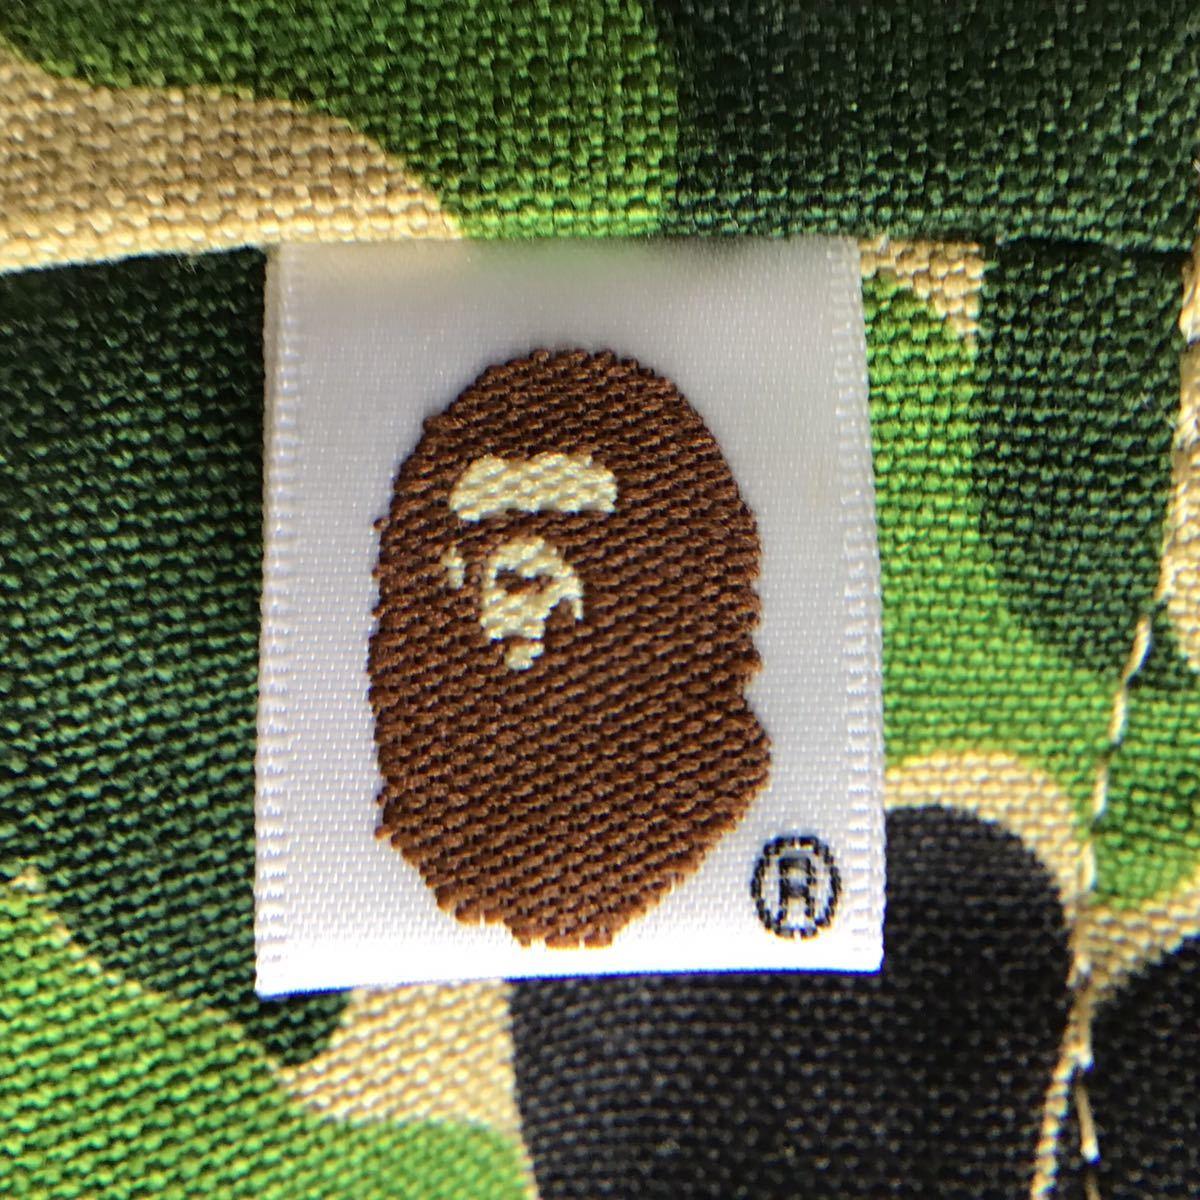 ★非売品★ リバーシブル トートバッグ ABC camo college logo a bathing ape BAPE mania エイプ ベイプ bag アベイシングエイプ 会員限定